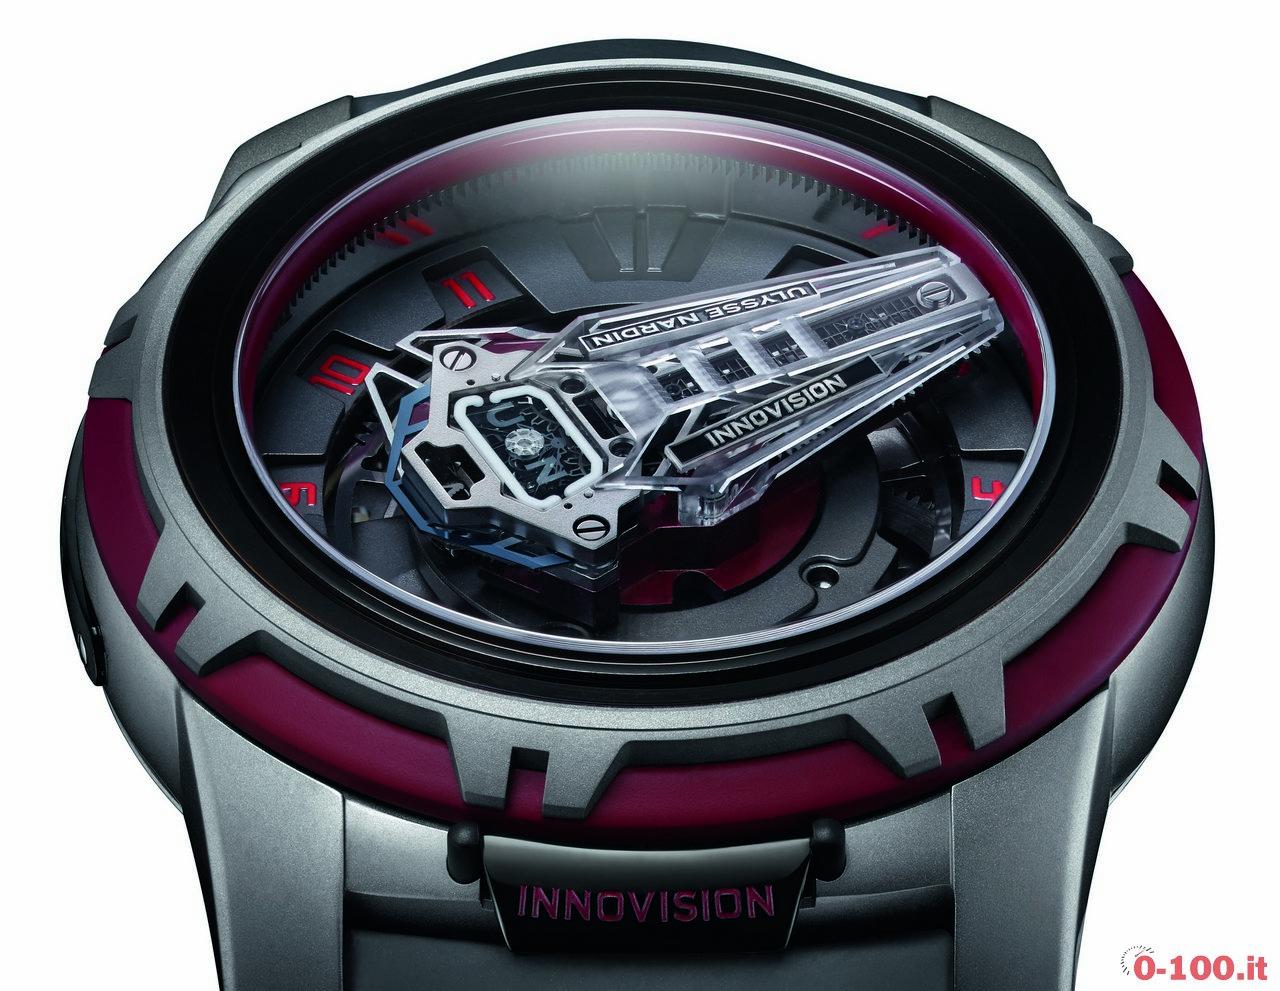 ulysse-nardin-innovision-2-prezzo-price_0-1001